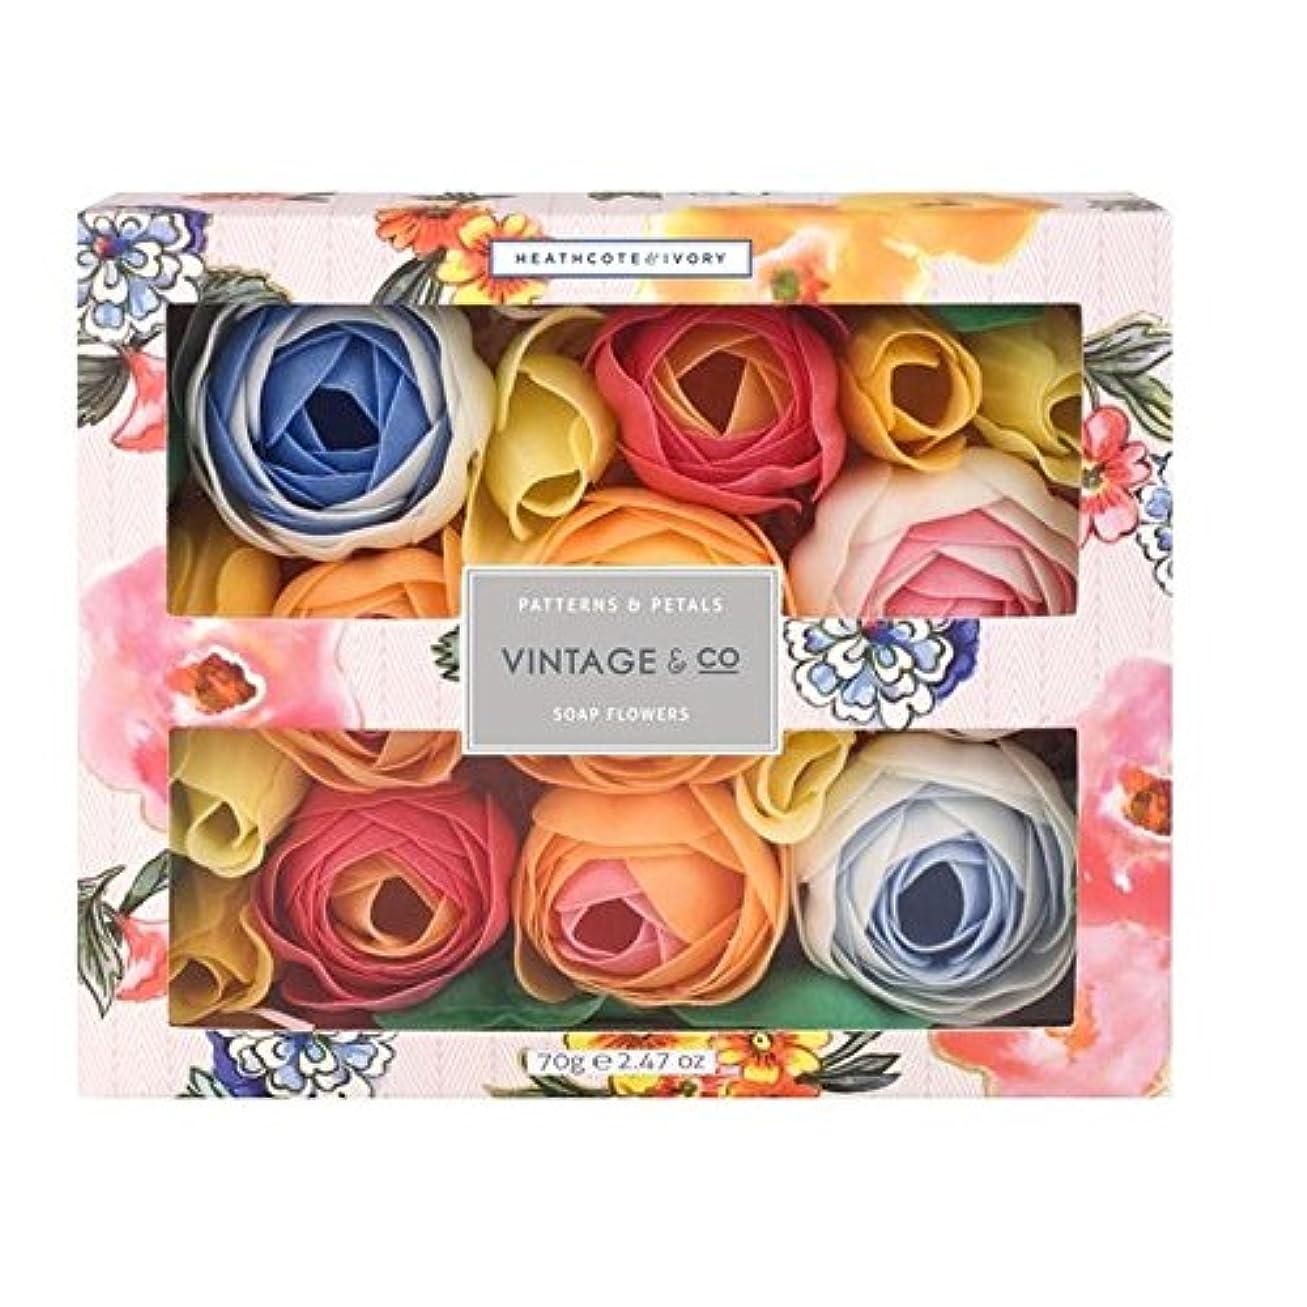 フィードクレタシットコムHeathcote & Ivory Patterns & Petals Soap Flowers 70g (Pack of 6) - ヒースコート&アイボリーパターン&花びら石鹸の花70グラム x6 [並行輸入品]